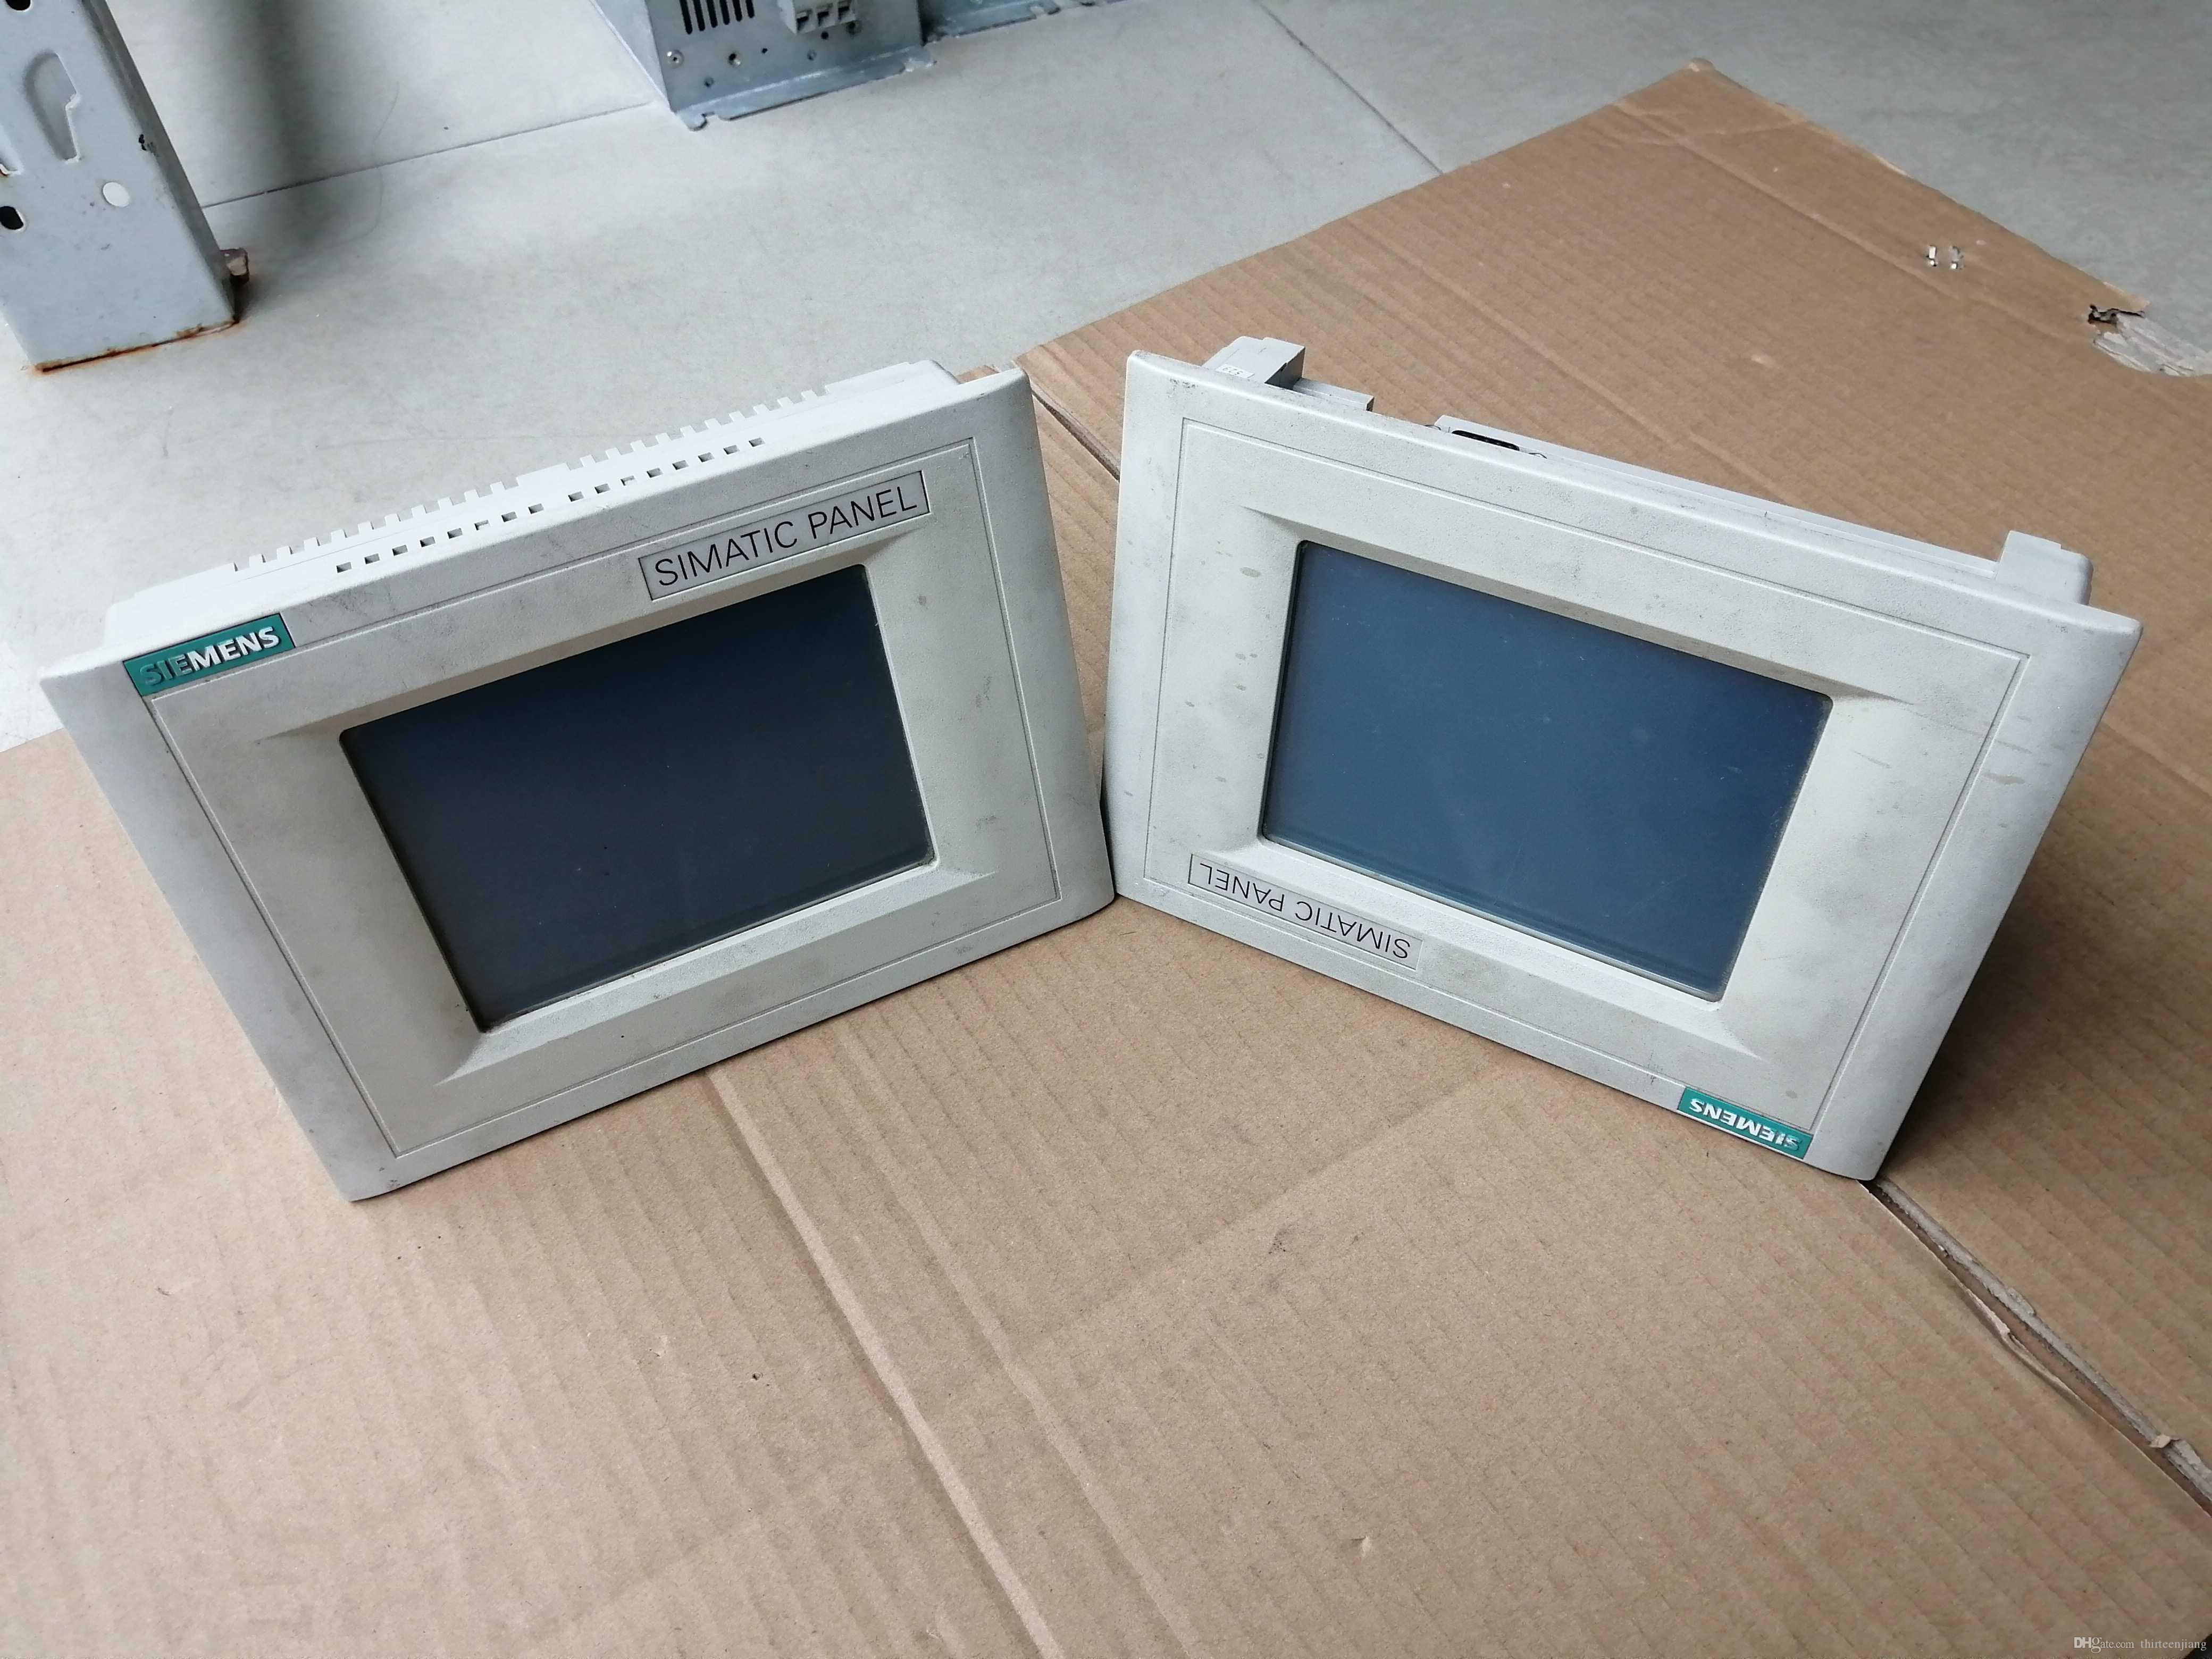 1 PC Original Siemens Simatic HMI painel de toque TP070 6AV6 545-0AA15-2AX0 Usado Em Boas Condições Frete Grátis Expedited